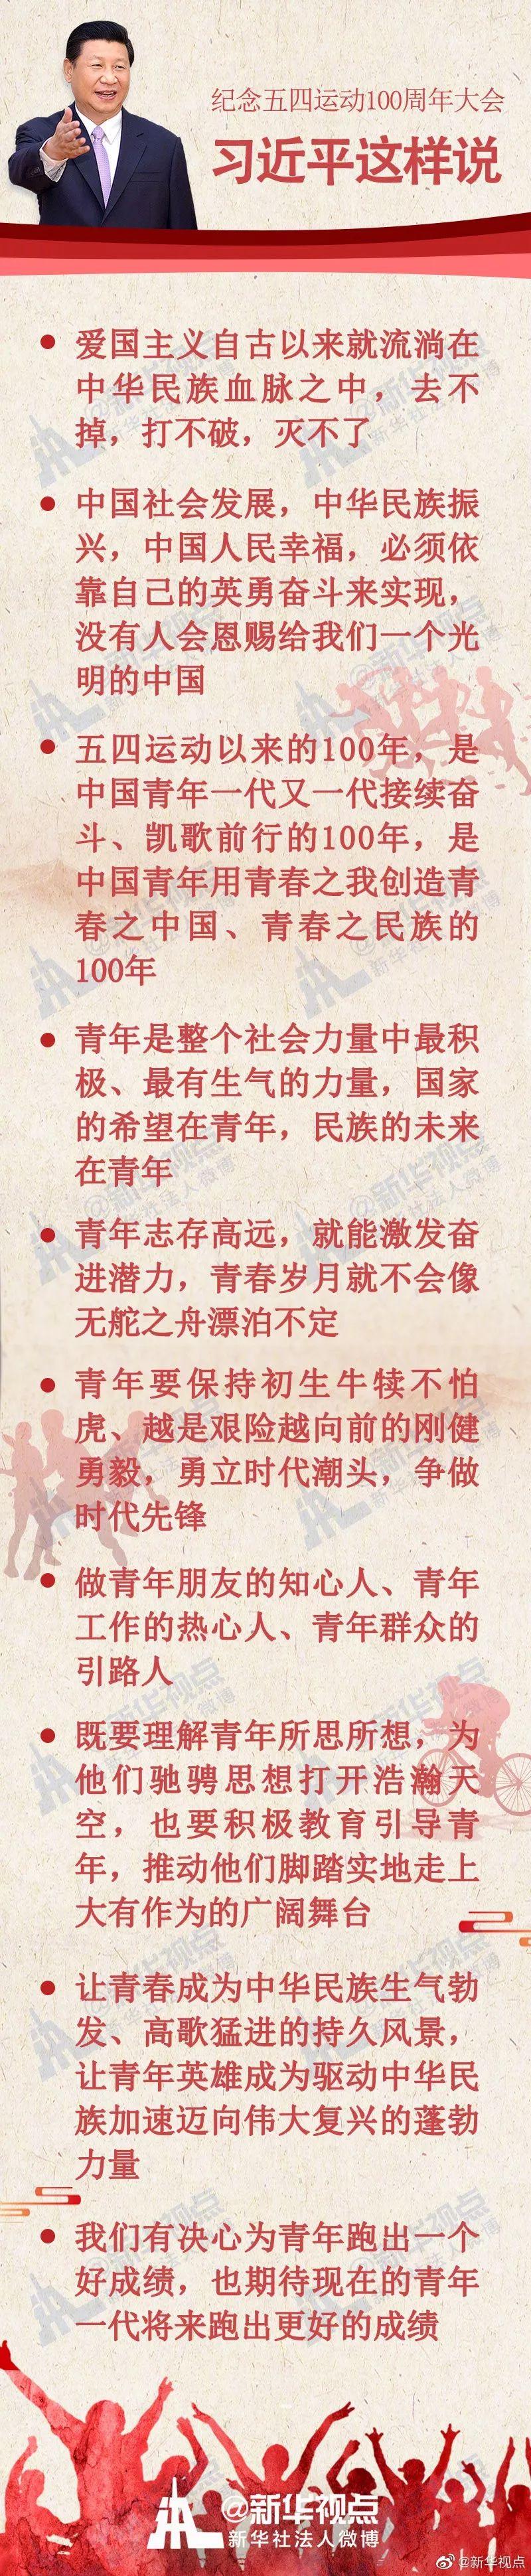 继续发扬五四精神,不辜负伟大时代!习近平总书记重要讲话在玉林市广大青年中引起热烈反响